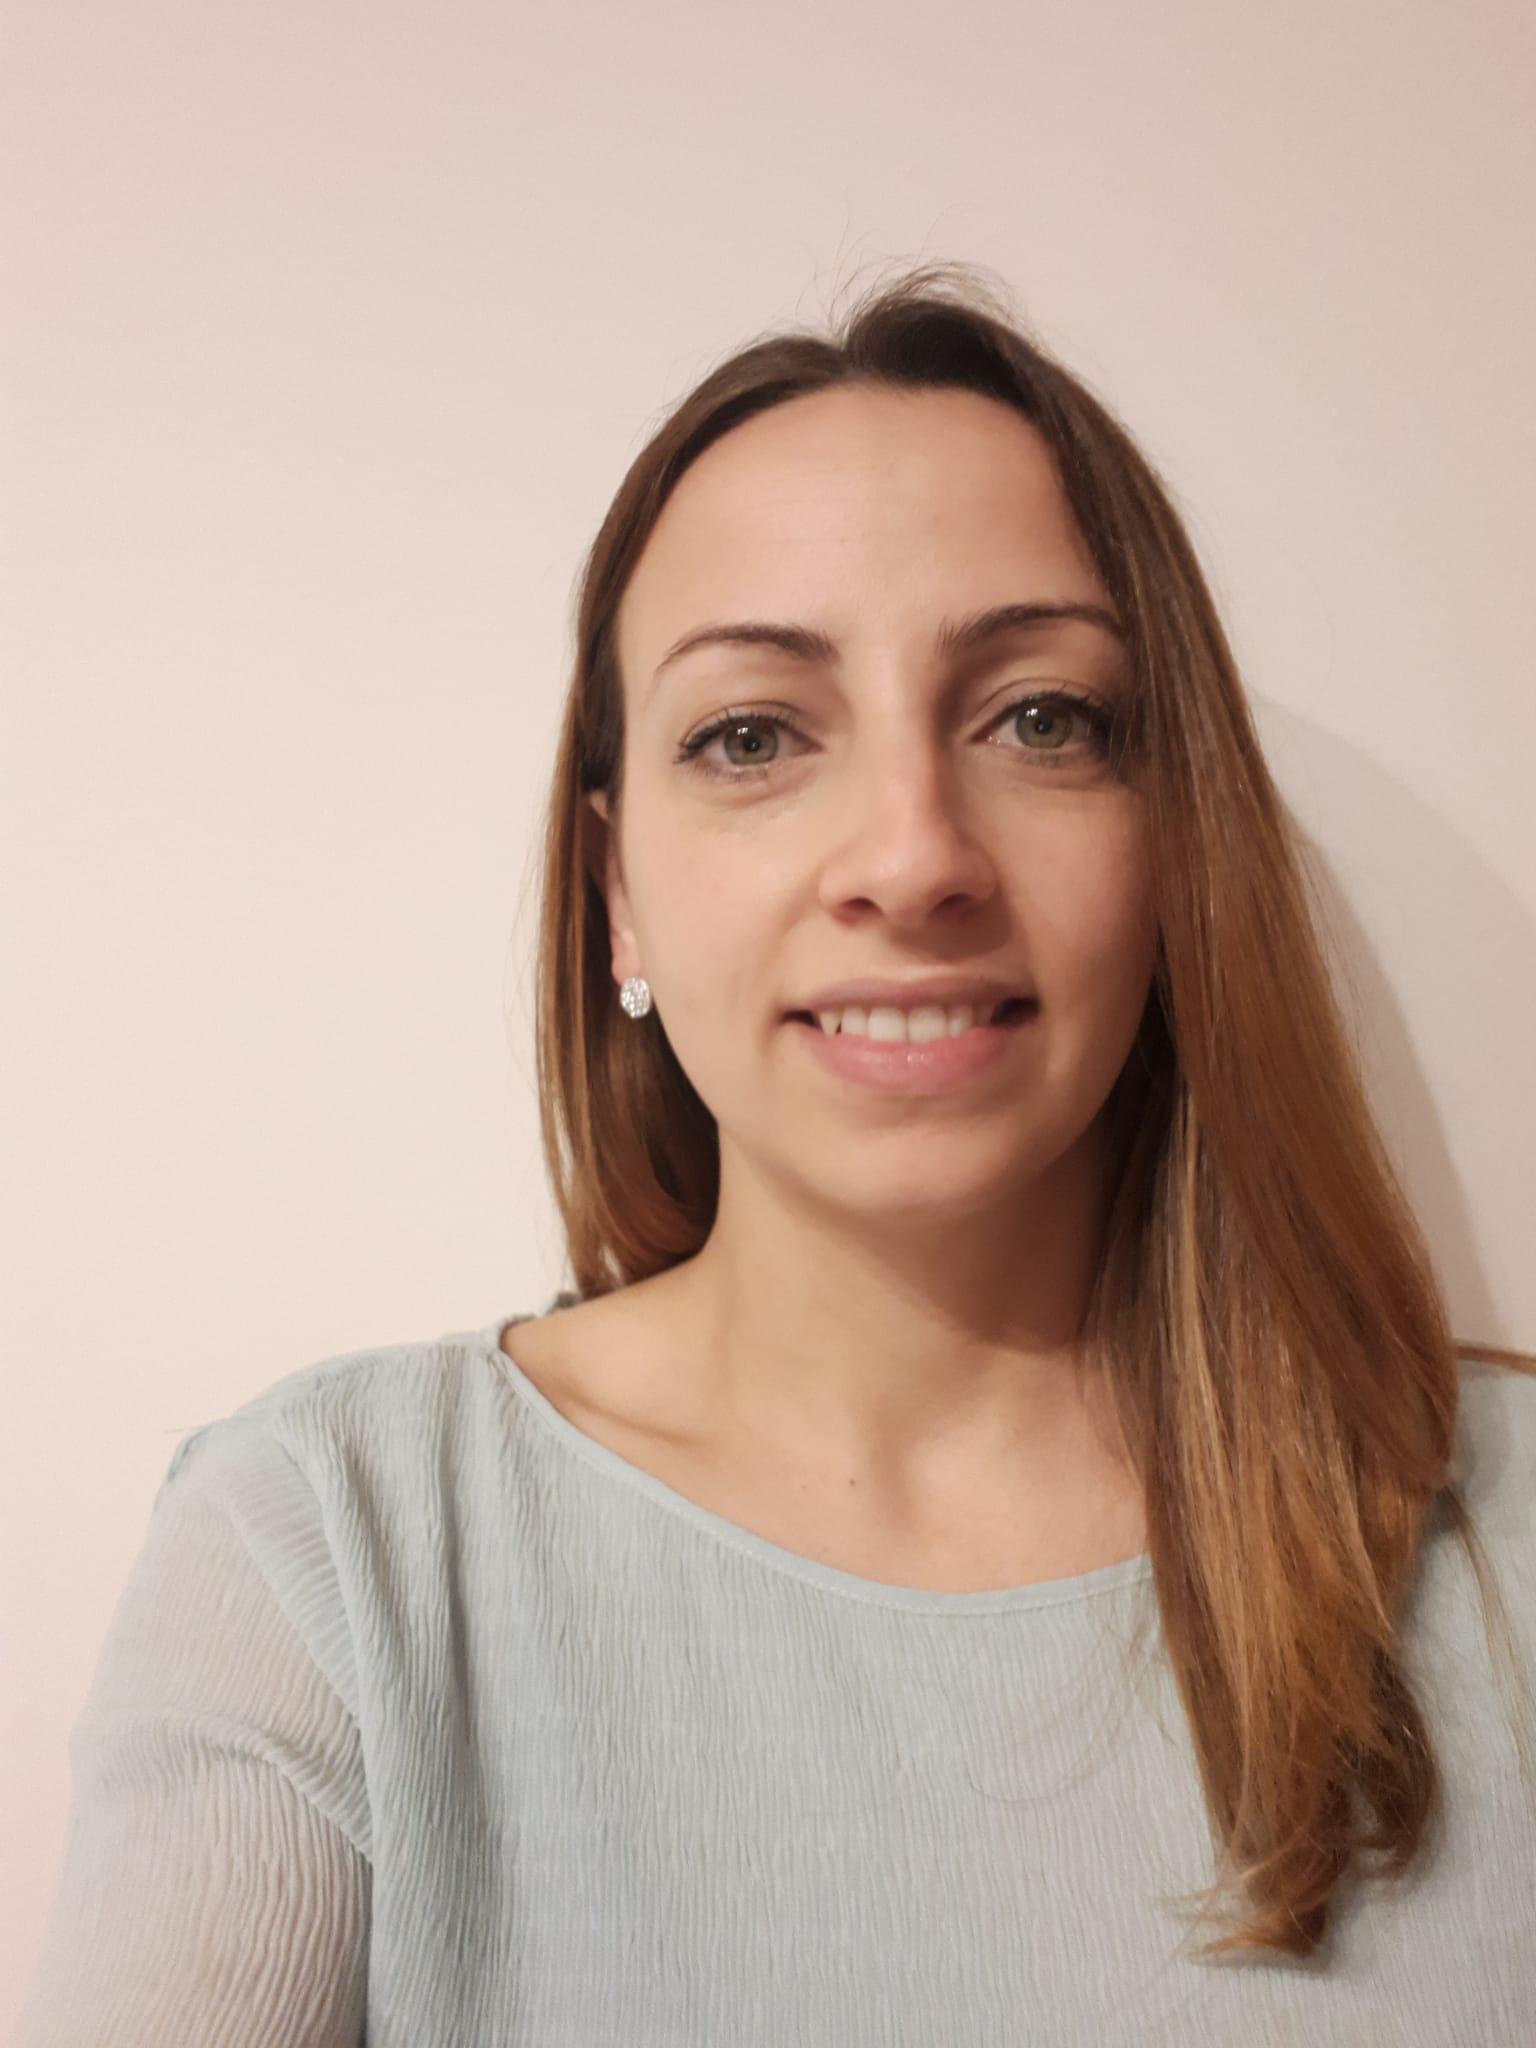 Alexandra Delle Monache